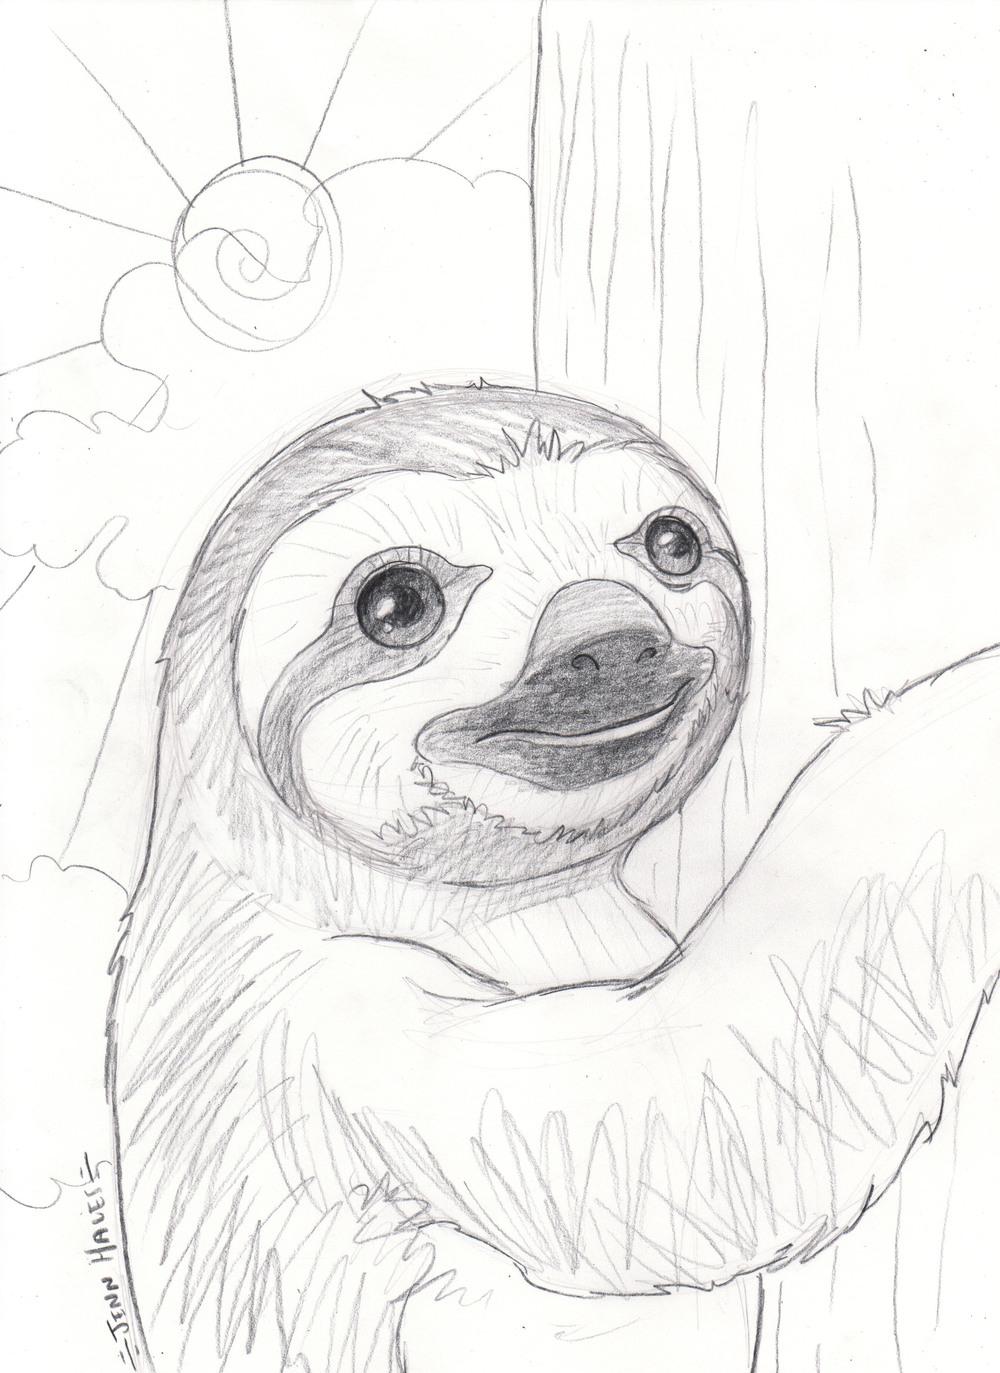 Jan29_Sloth.jpg